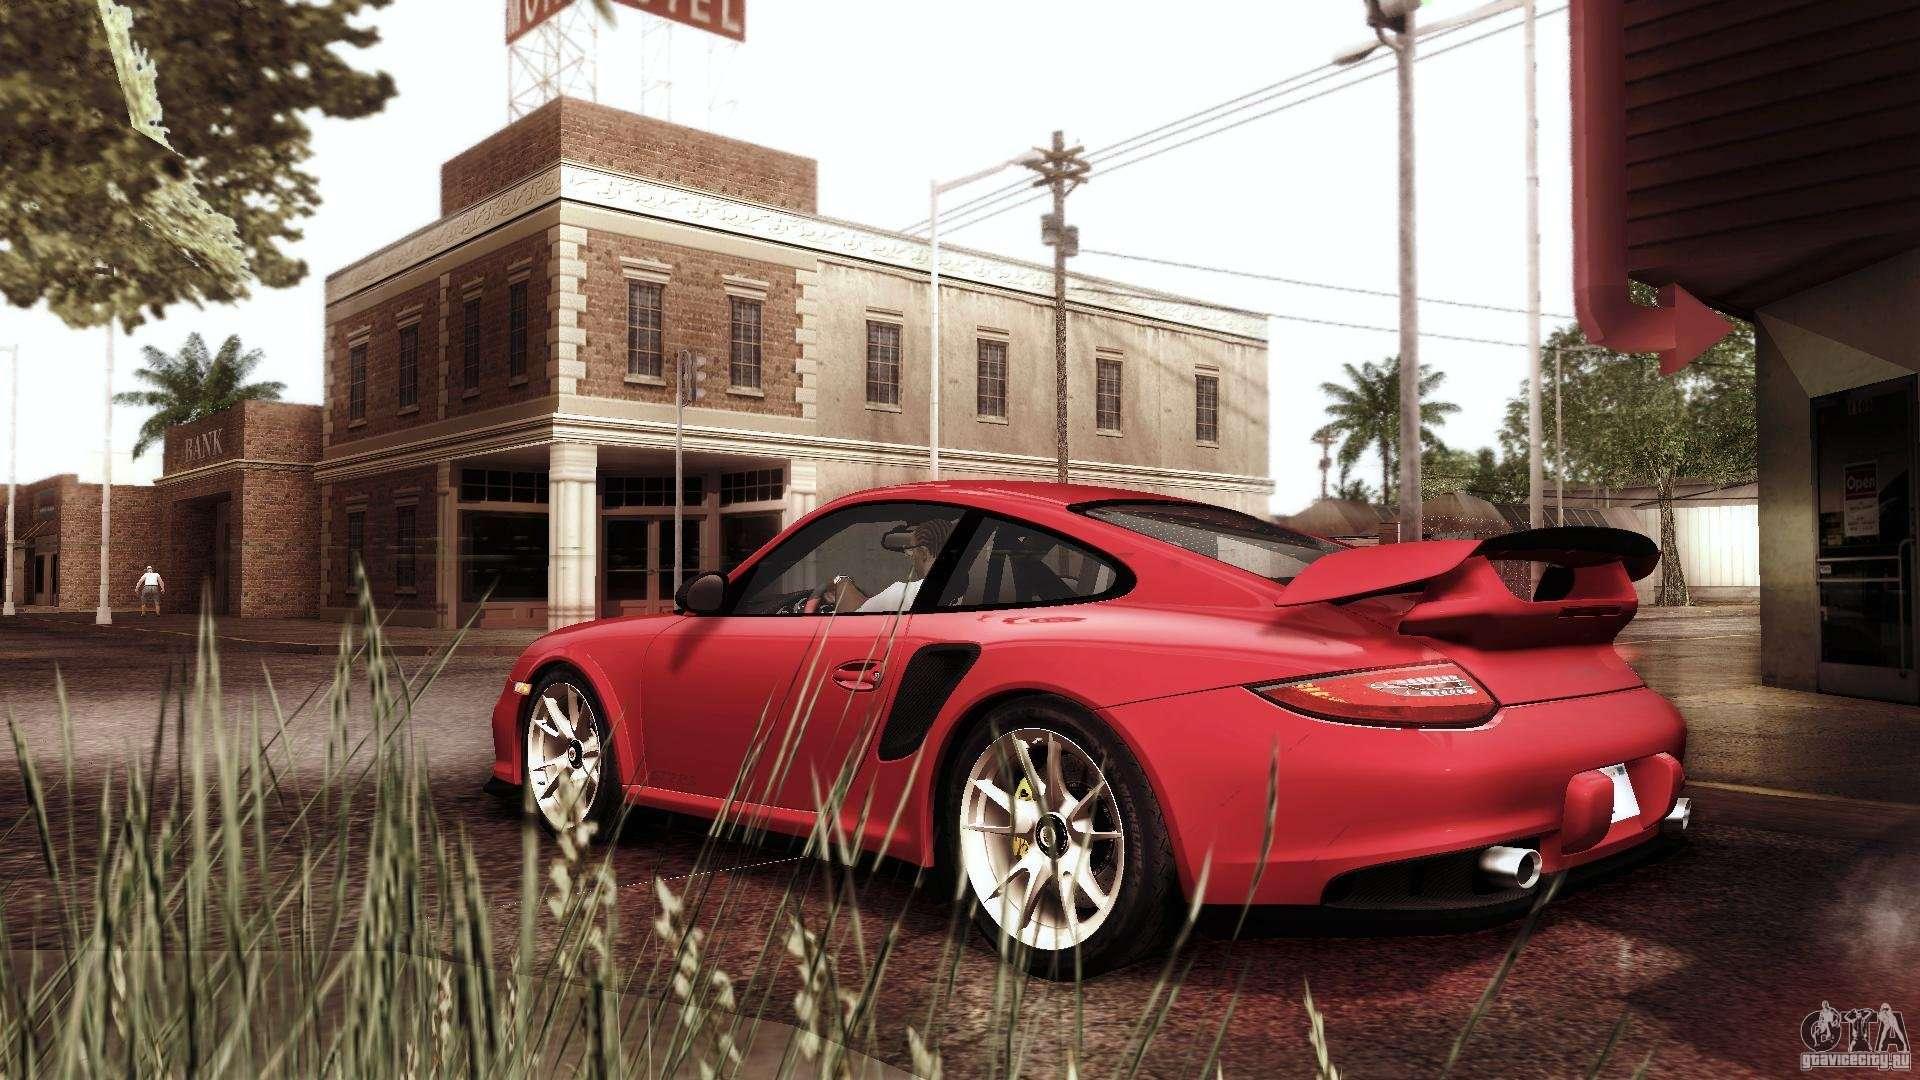 53244-1343576084-gta-sa2012-07-2918-54-59-96 Remarkable Porsche 911 Gt2 Xbox 360 Cars Trend